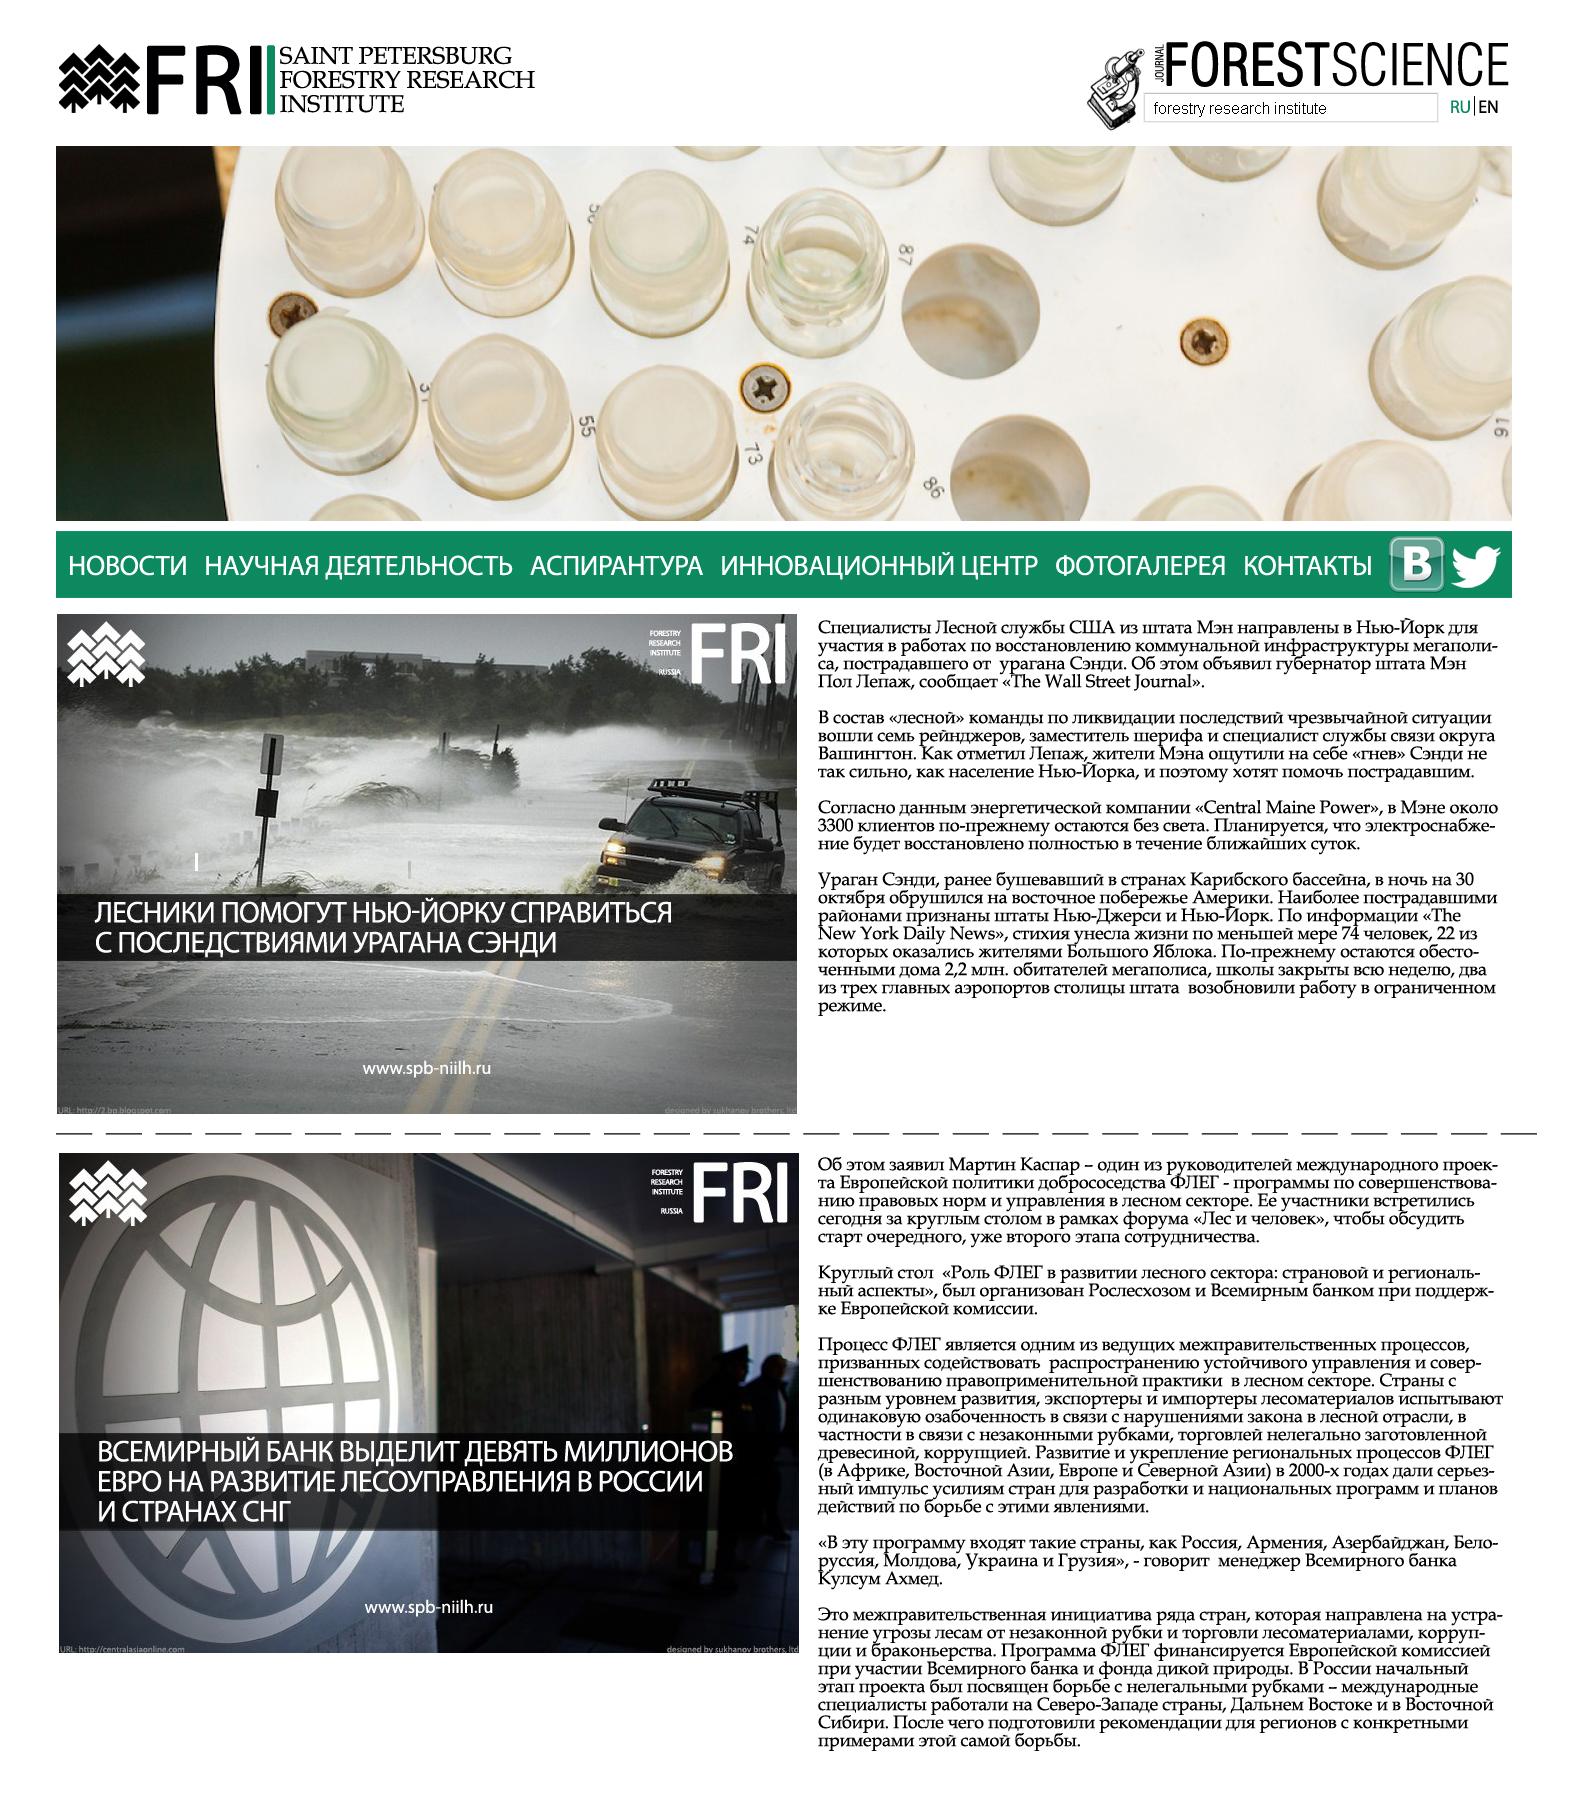 Разработка концепции дизайна главной страницы информационного сайта для Федерального агенства лесного хозяйства